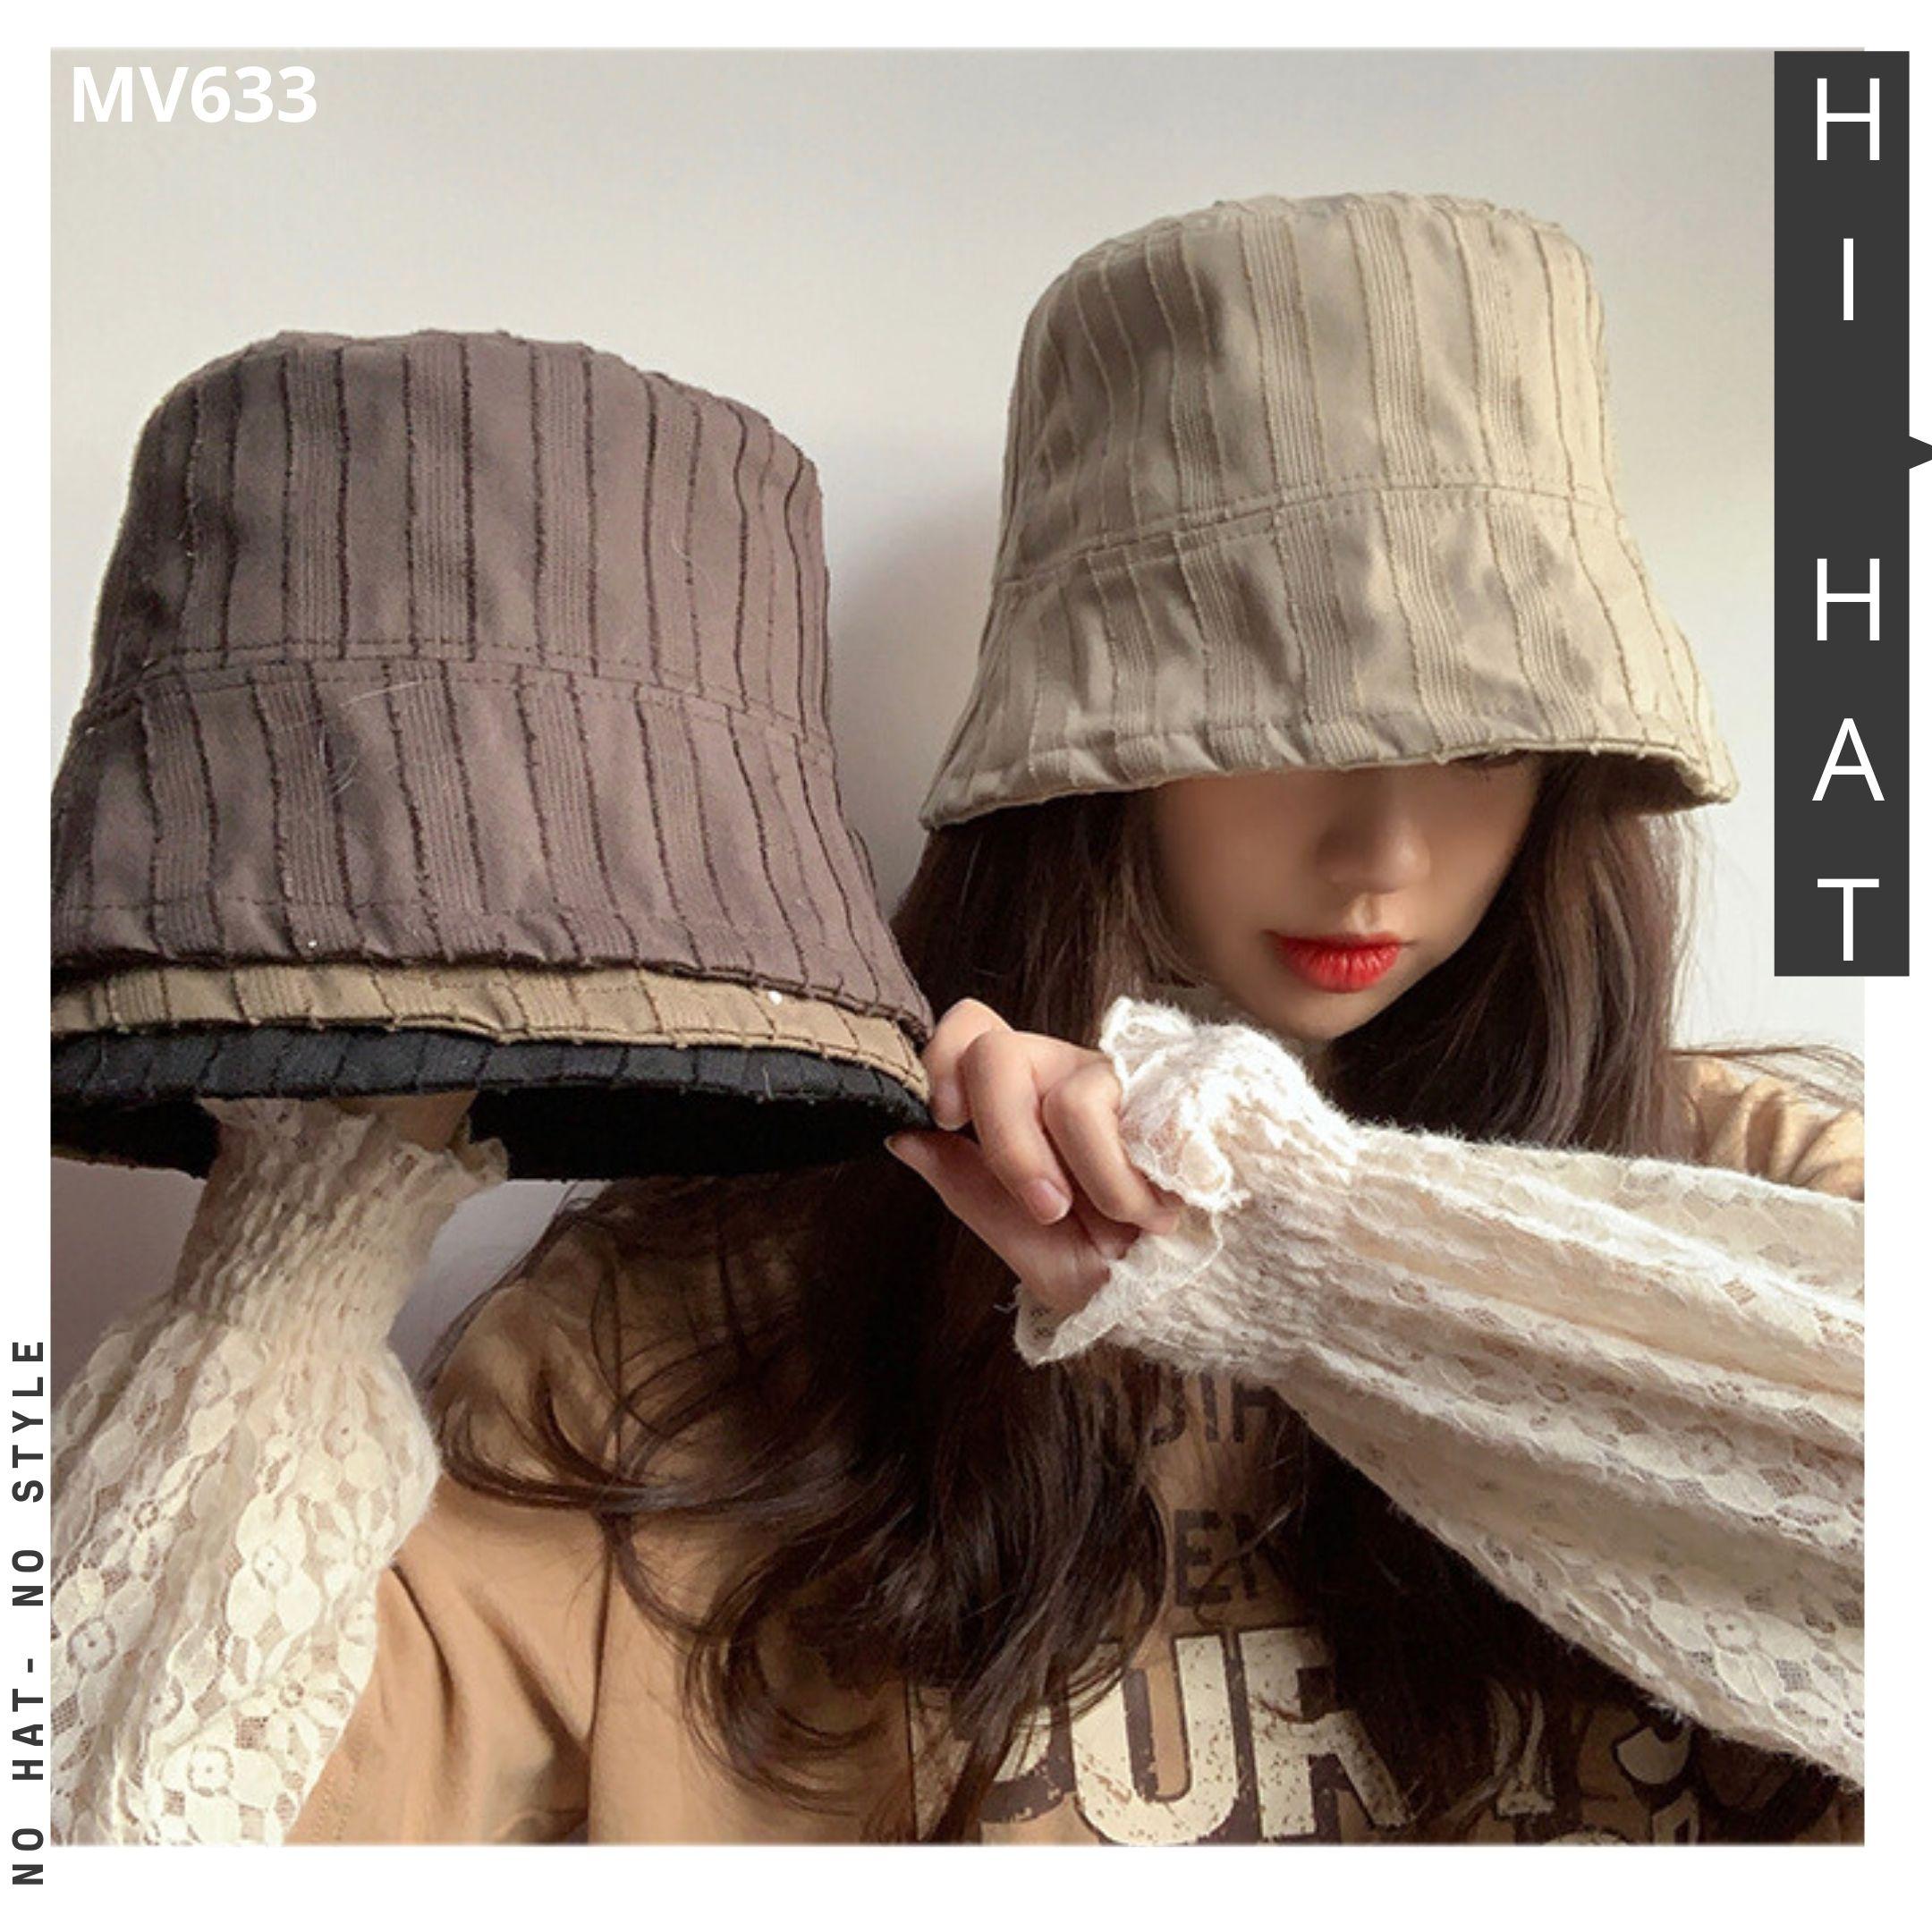 Mũ vành suôn form rộng style ngầu, phối sọc cho cả nam và nữ MV633